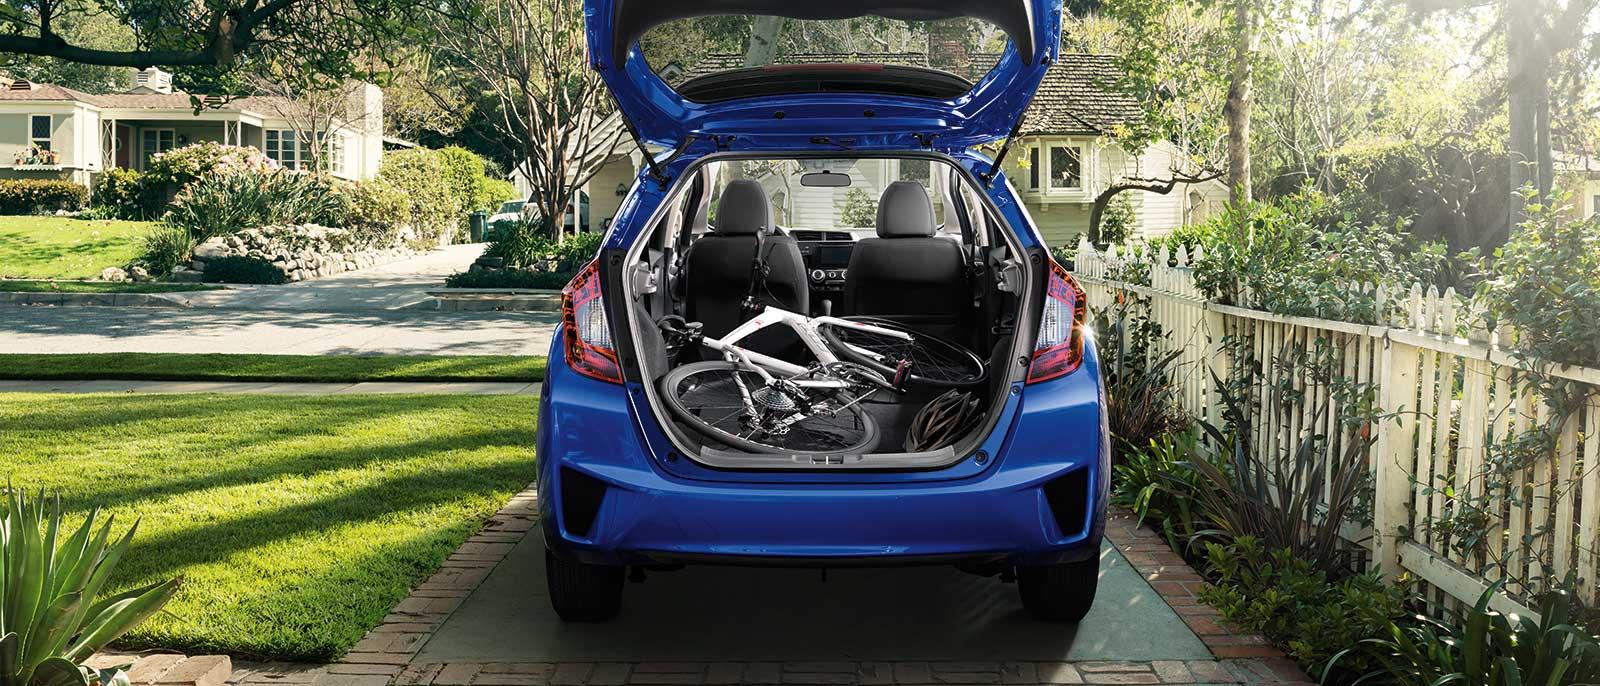 2015 Honda Fit Rear Cargo